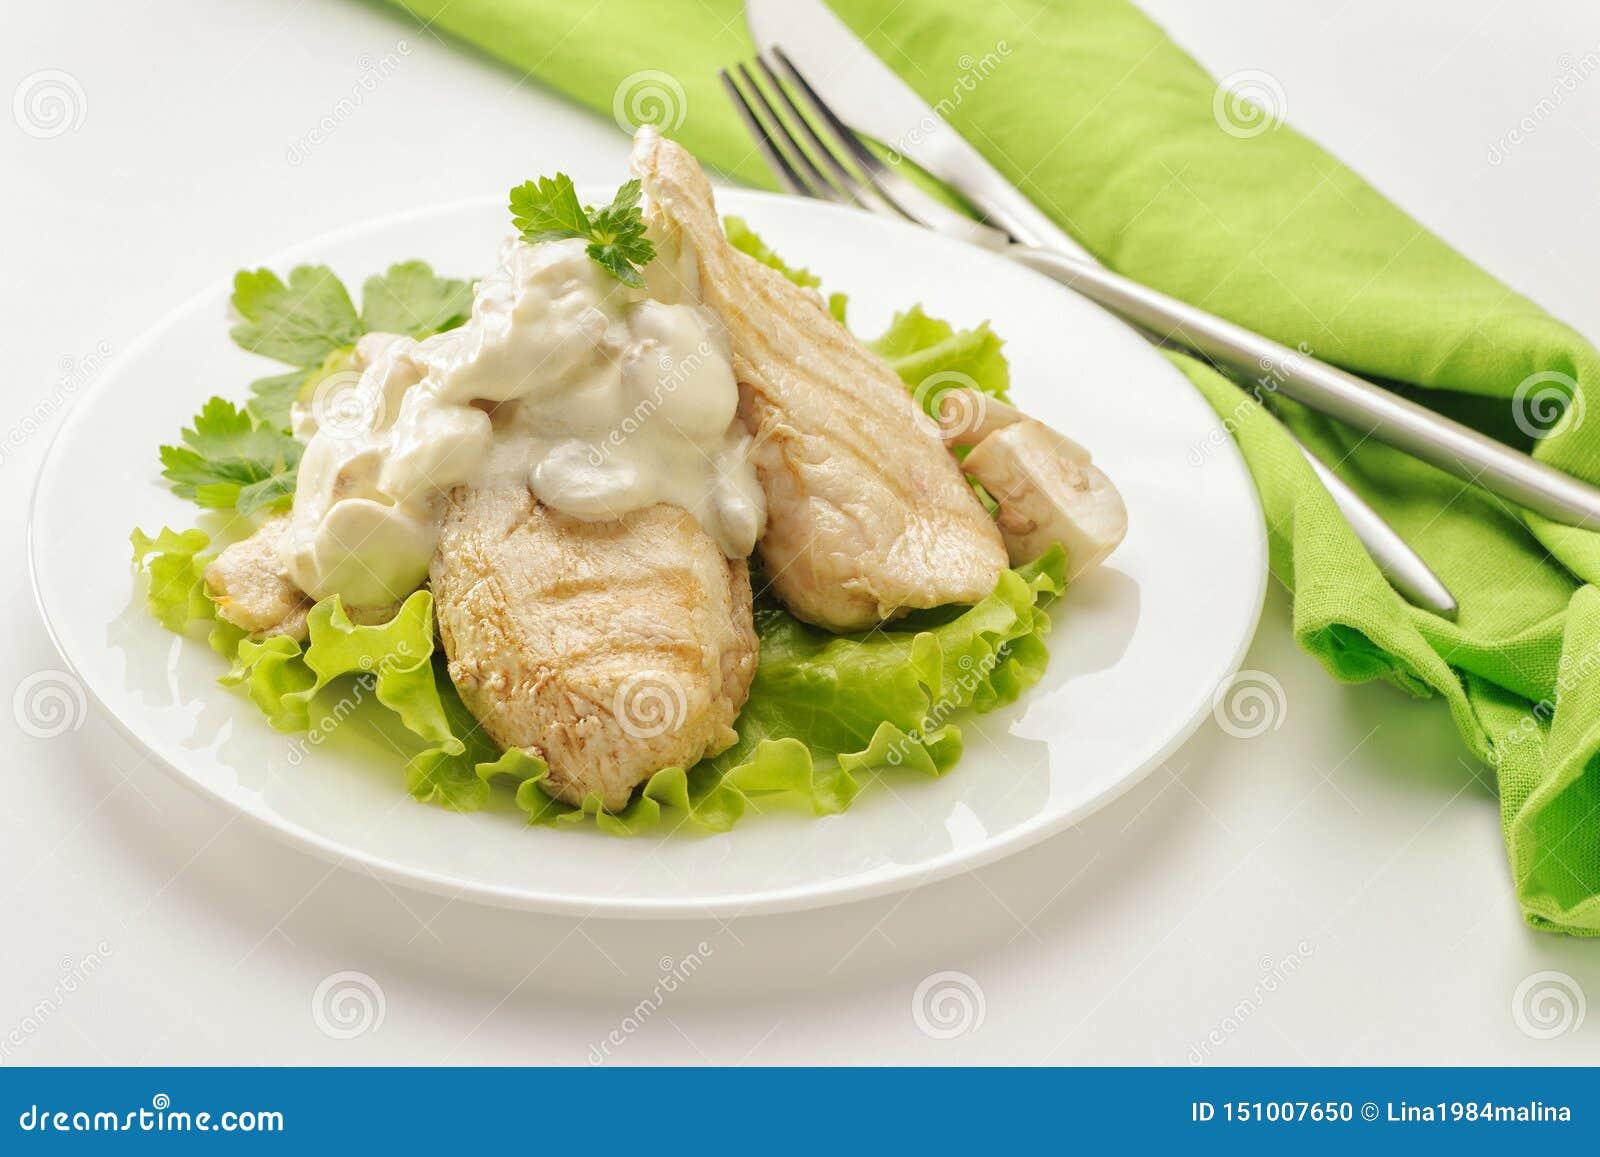 Blanc de poulet frit avec de la sauce crème